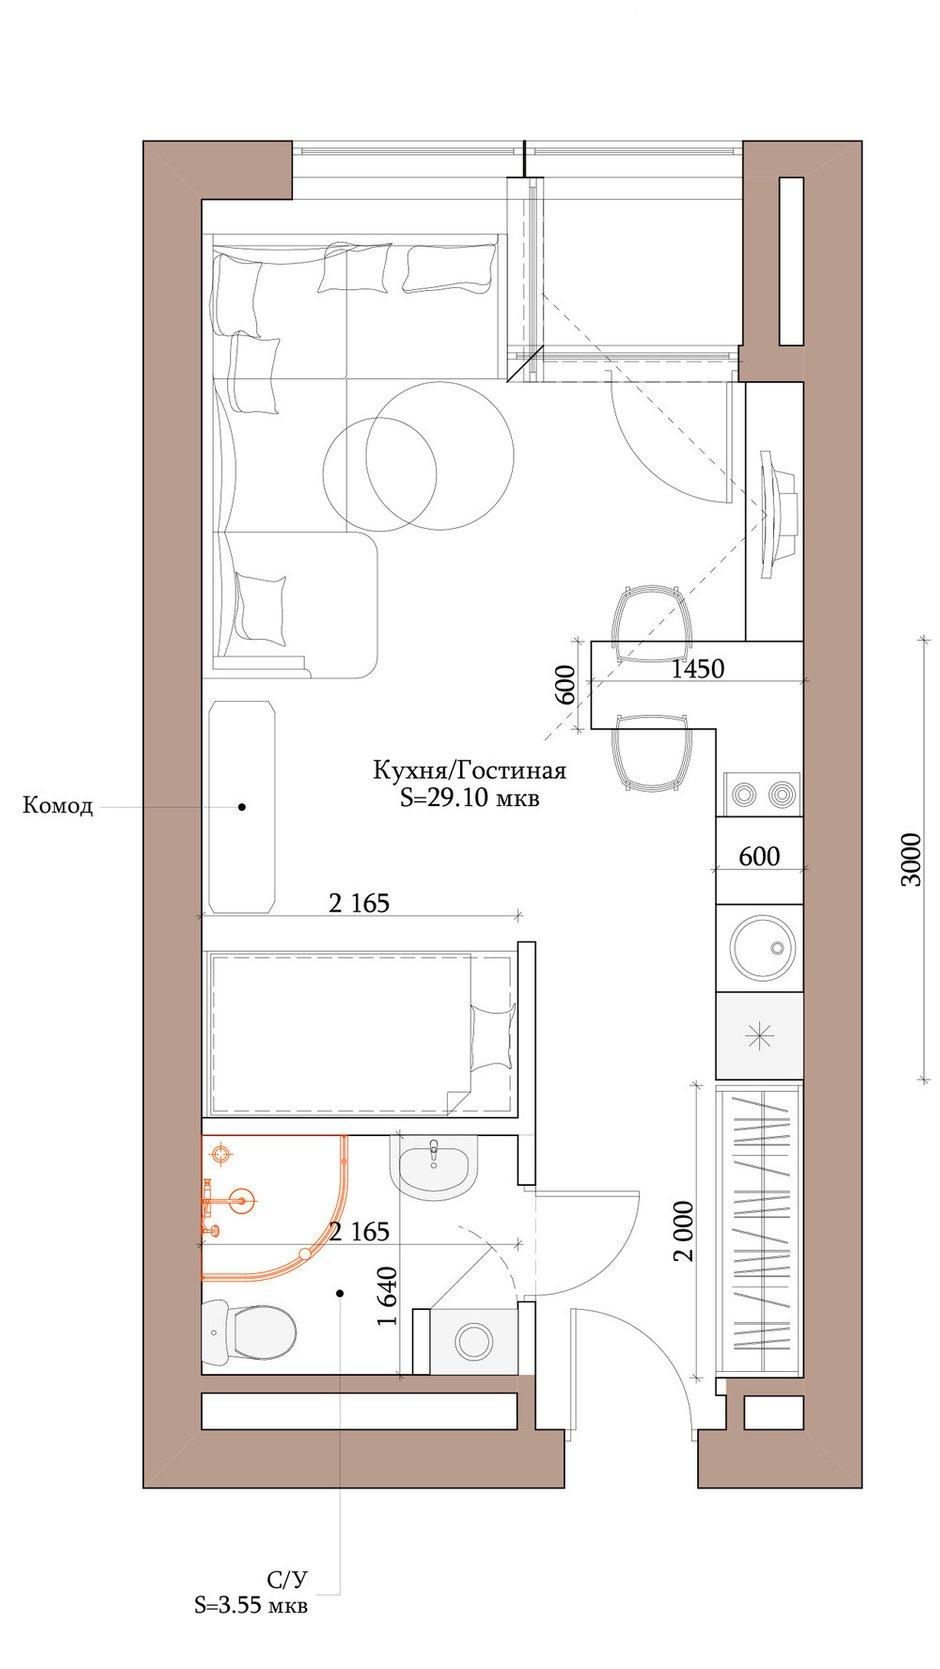 Фотография: Планировки в стиле , Квартира, Студия, Проект недели, Москва, Монолитный дом, до 40 метров, Инна Азорская, энциклодпедия_малогабаритка, Kronospan – фото на INMYROOM